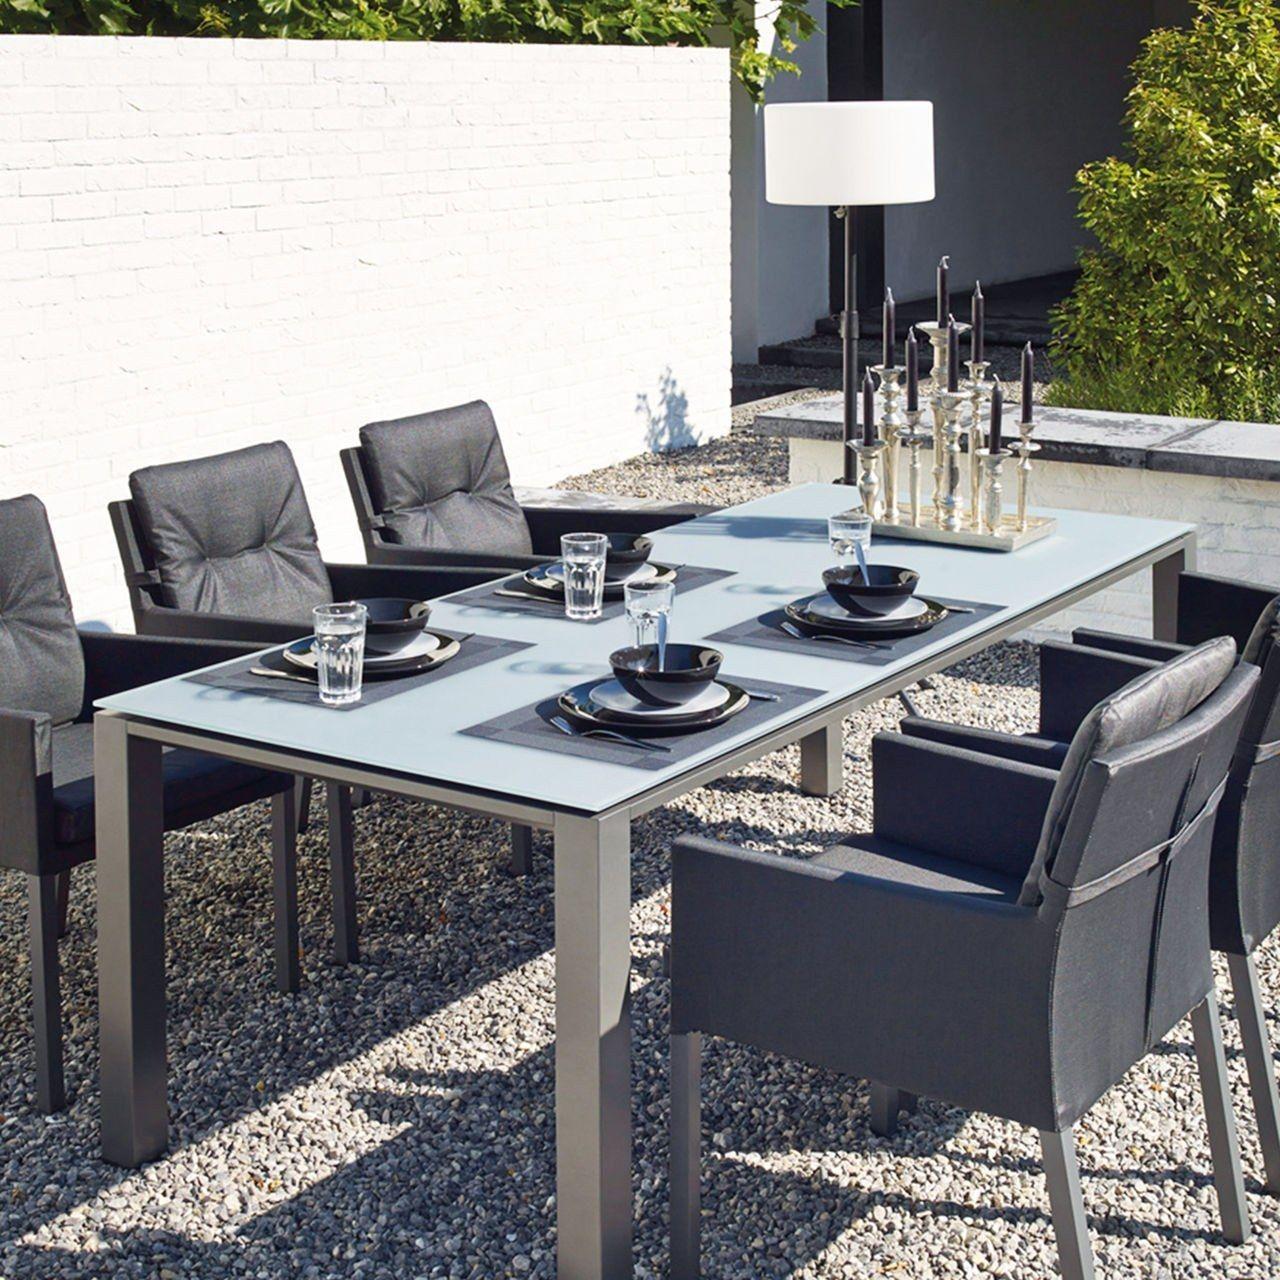 gartenm bel serie concept stabile sessel mit allwetter polster und tische mit aluminium. Black Bedroom Furniture Sets. Home Design Ideas